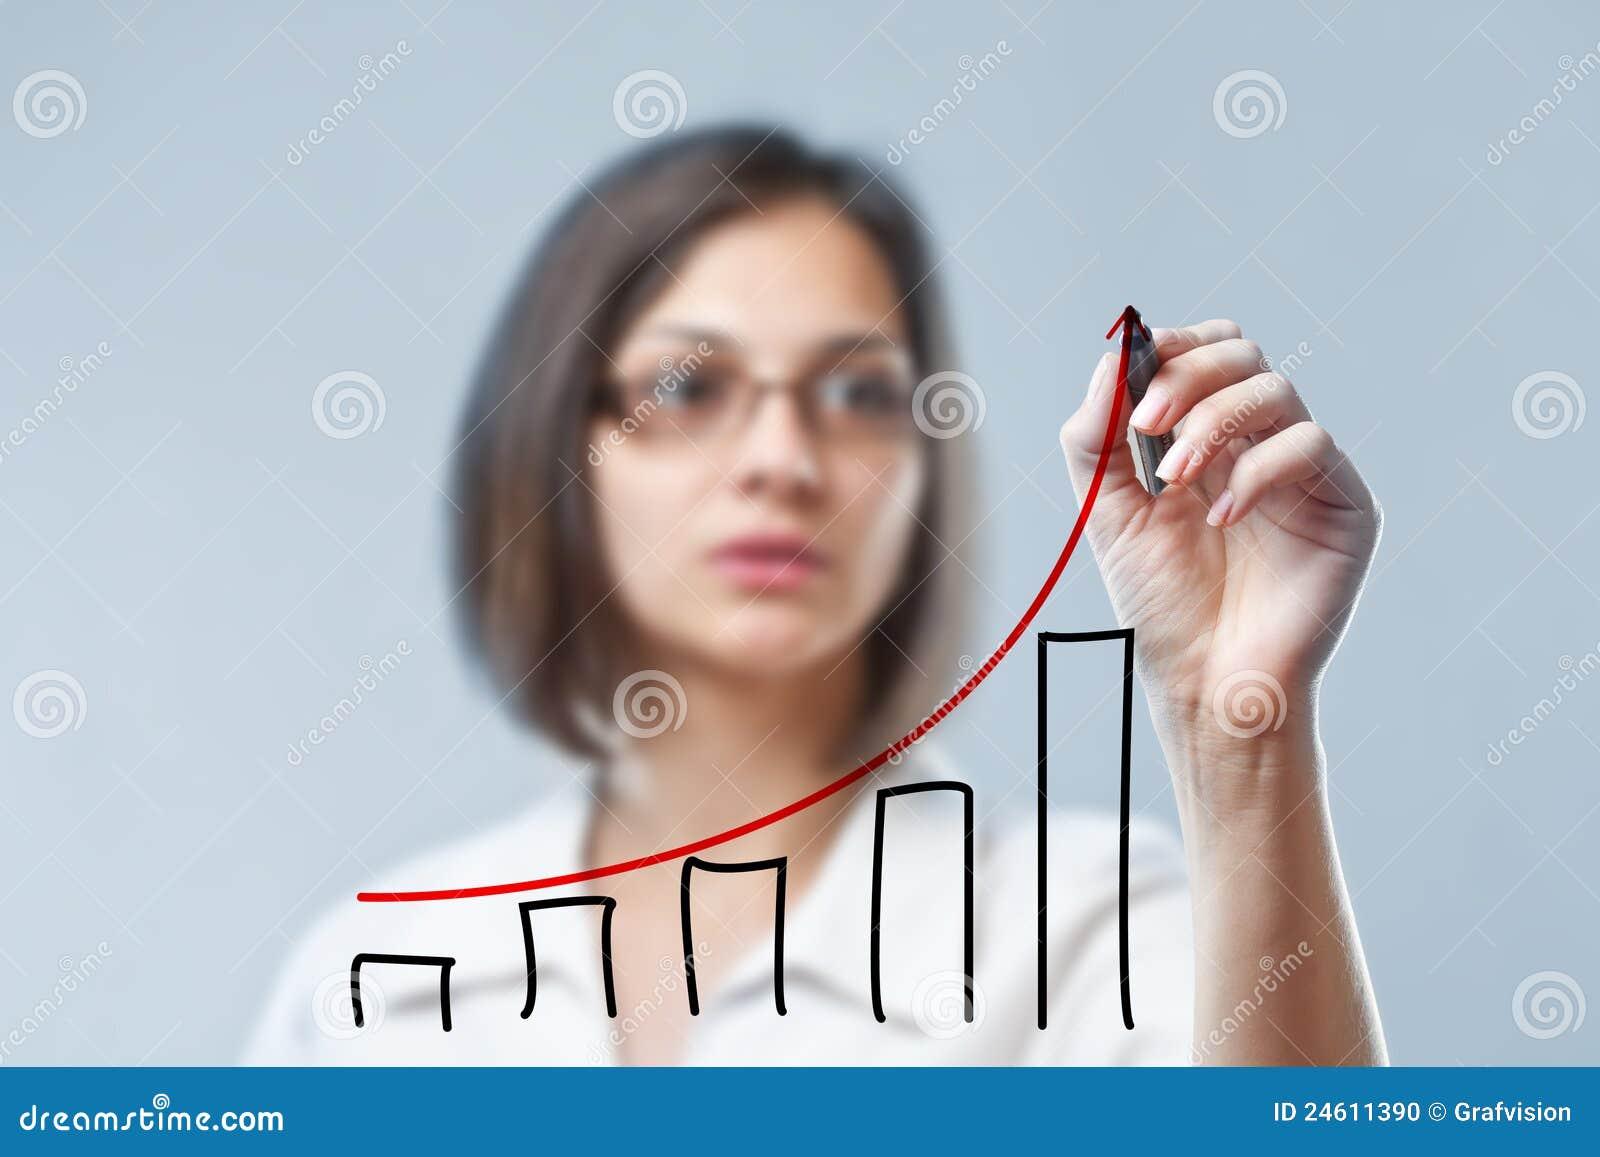 Diagrama del gráfico de la mujer